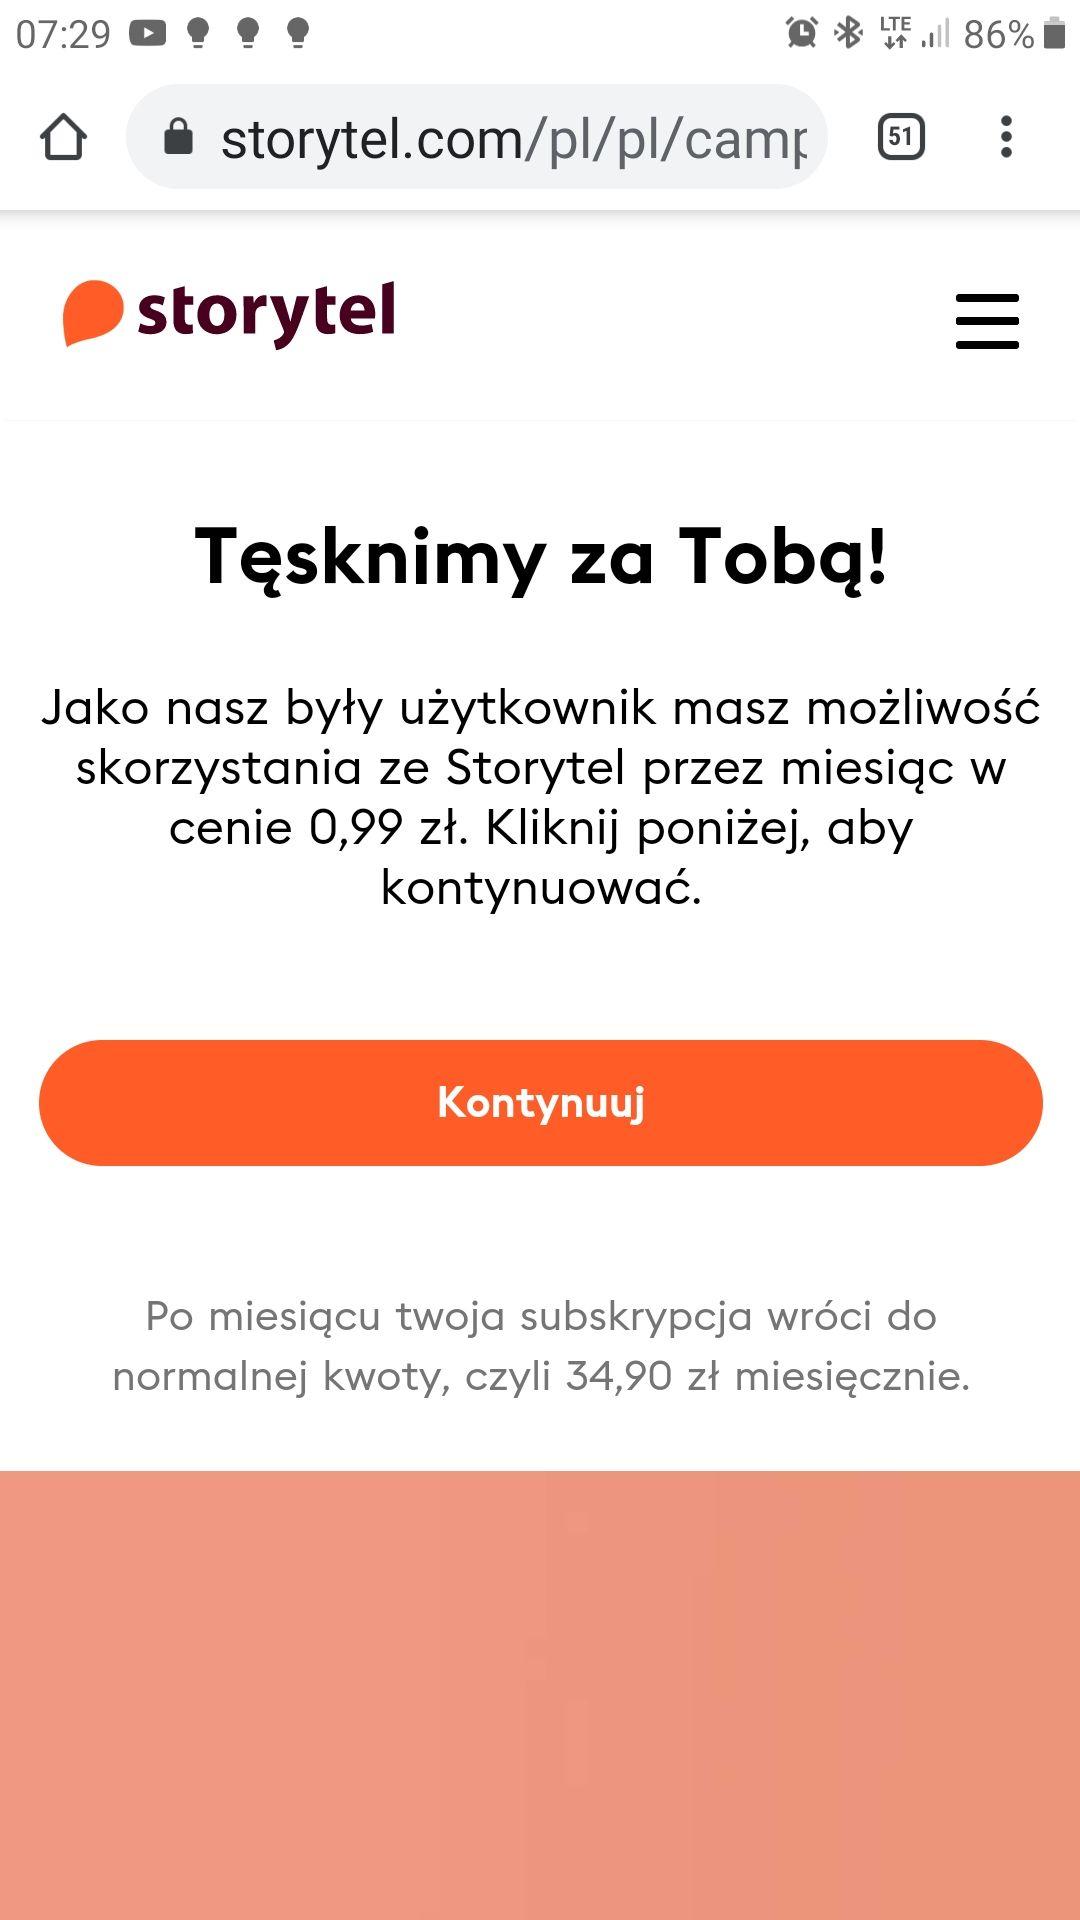 STORYTEL dla powracających użytkowników audiobooki i e-booki